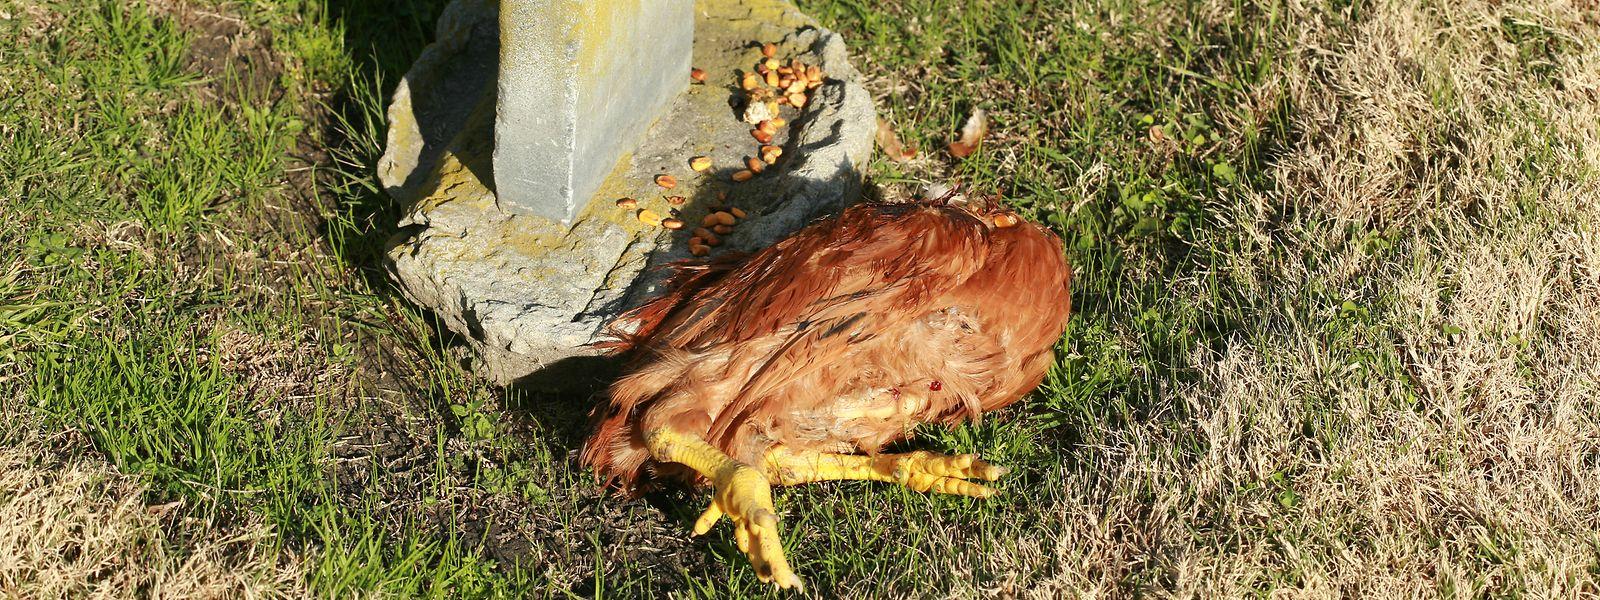 Spaziergänger fanden - ähnlich wie auf diesem Symbolbild - aufgebahrte Hühner.